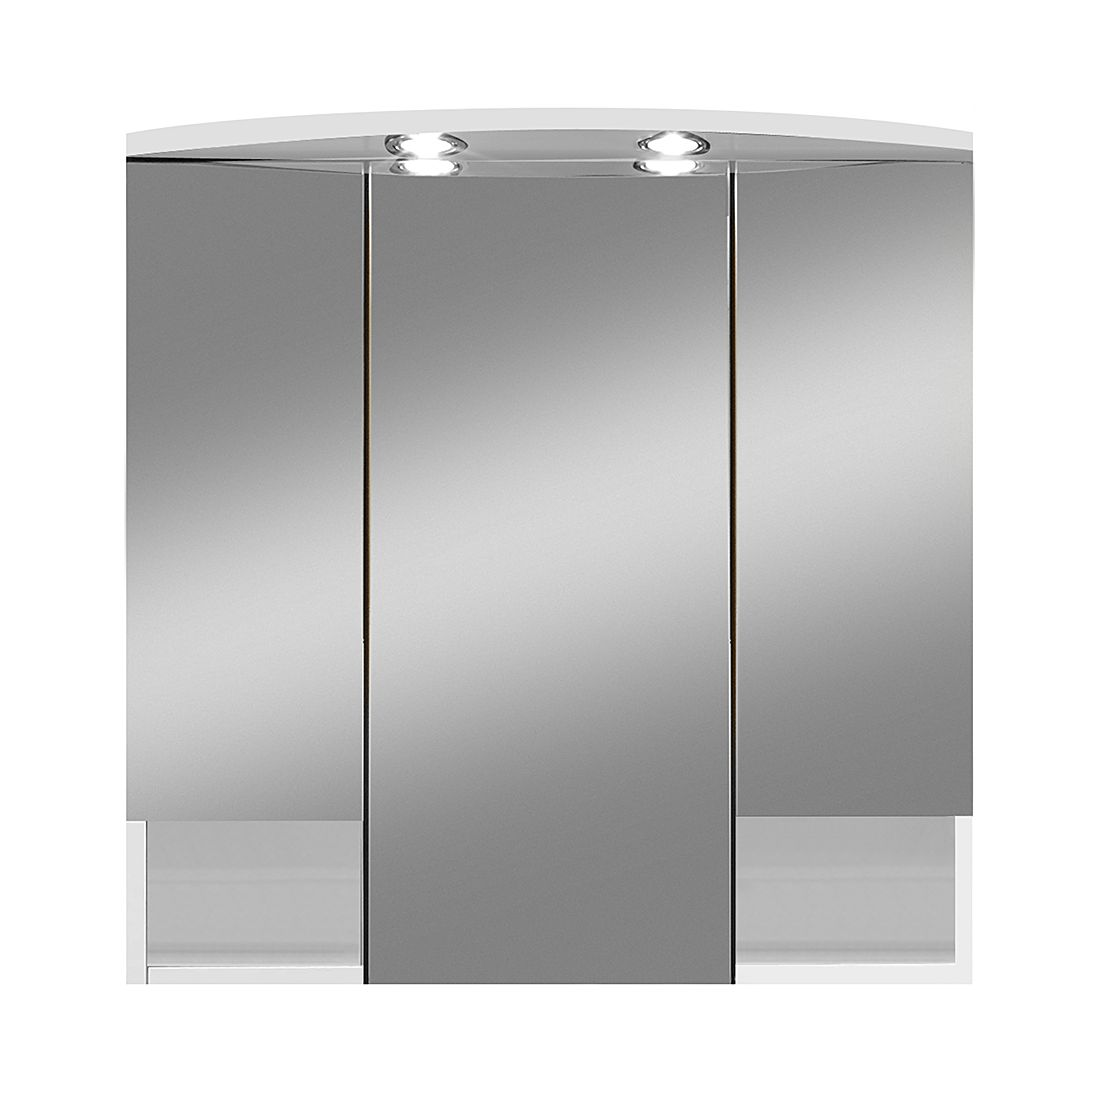 Spiegelschrank Alesund (mit Beleuchtung) – Weiß, Giessbach bestellen